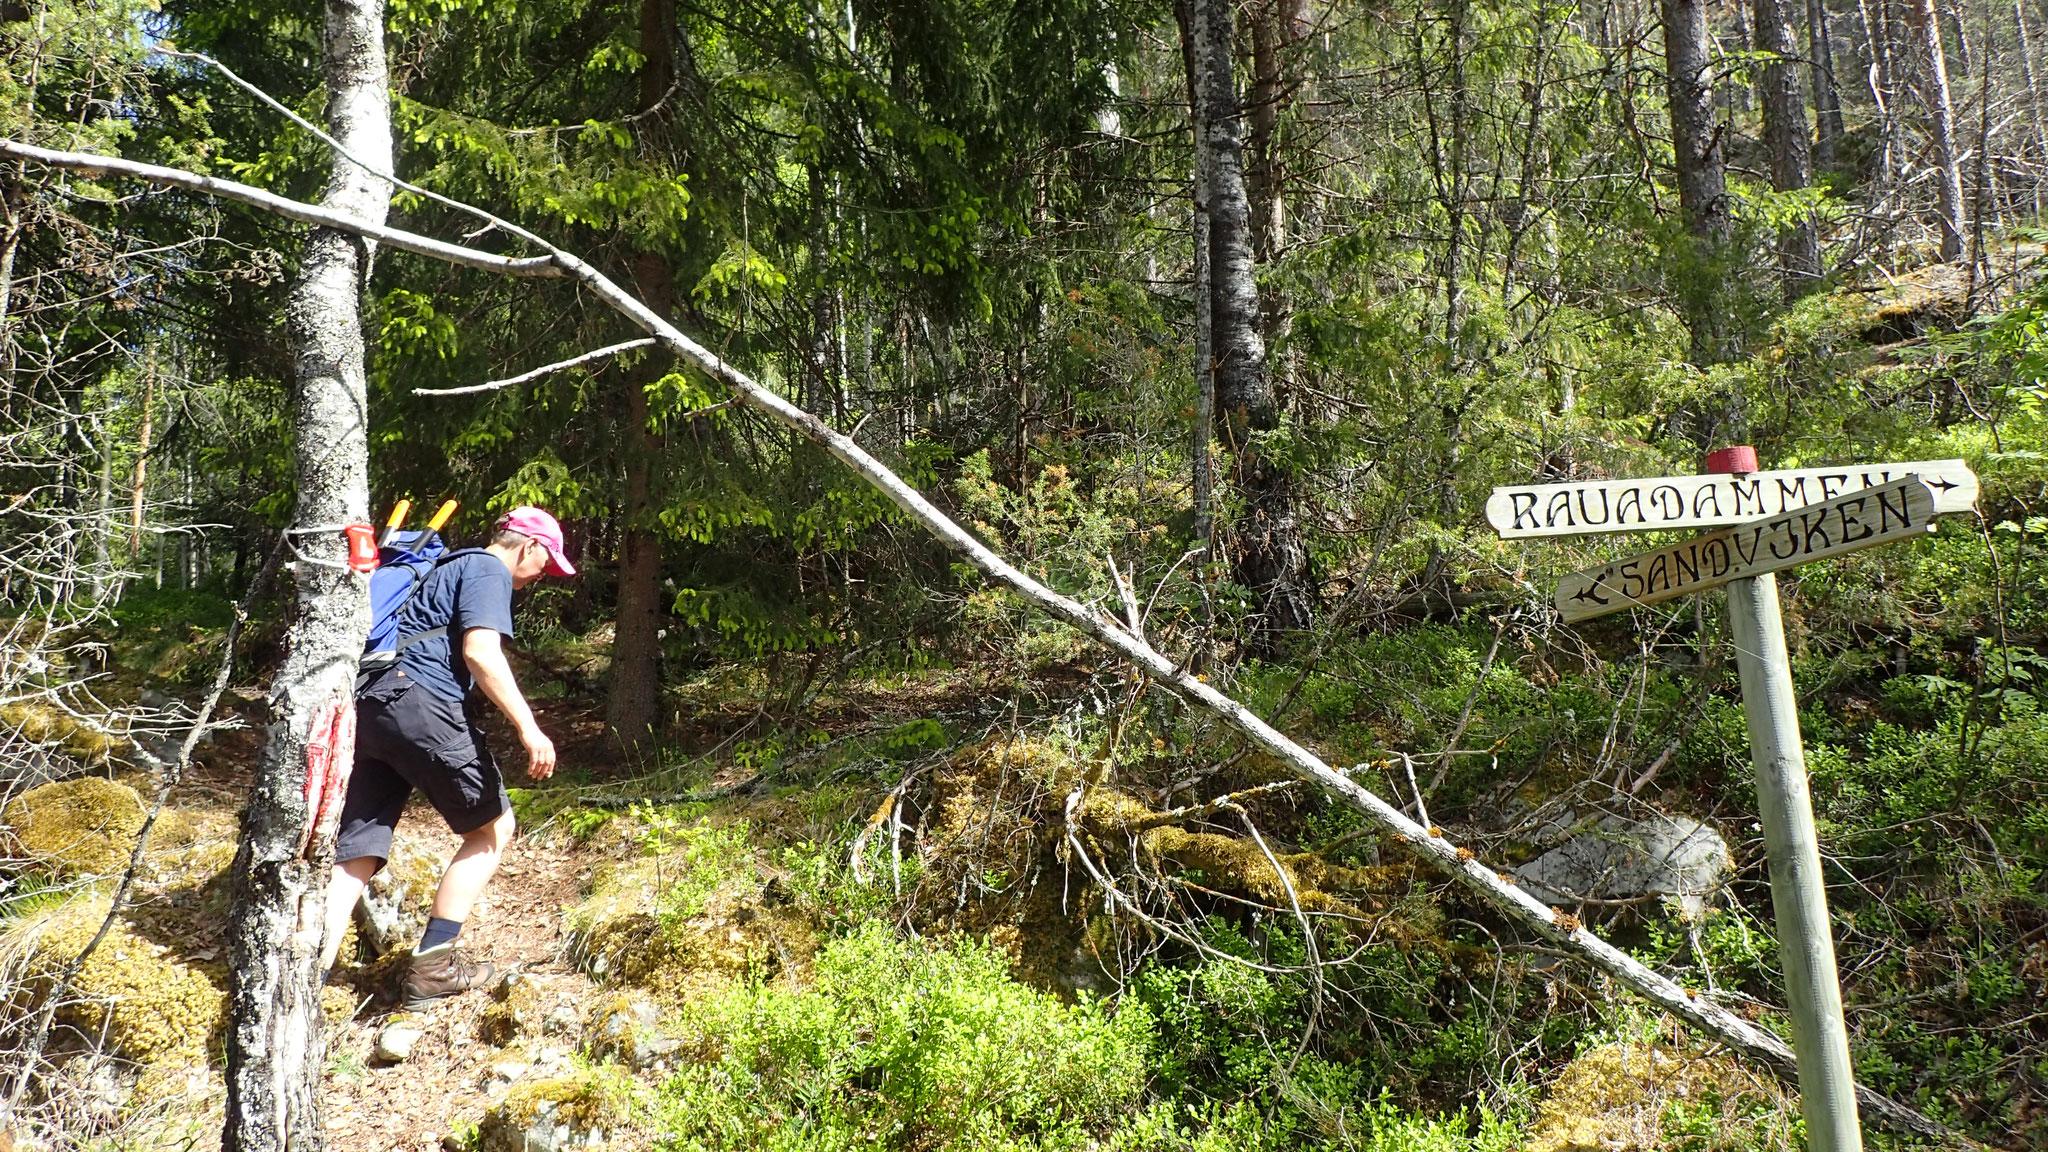 hier biegt ihr nach rechts Richtung Sandvika ab